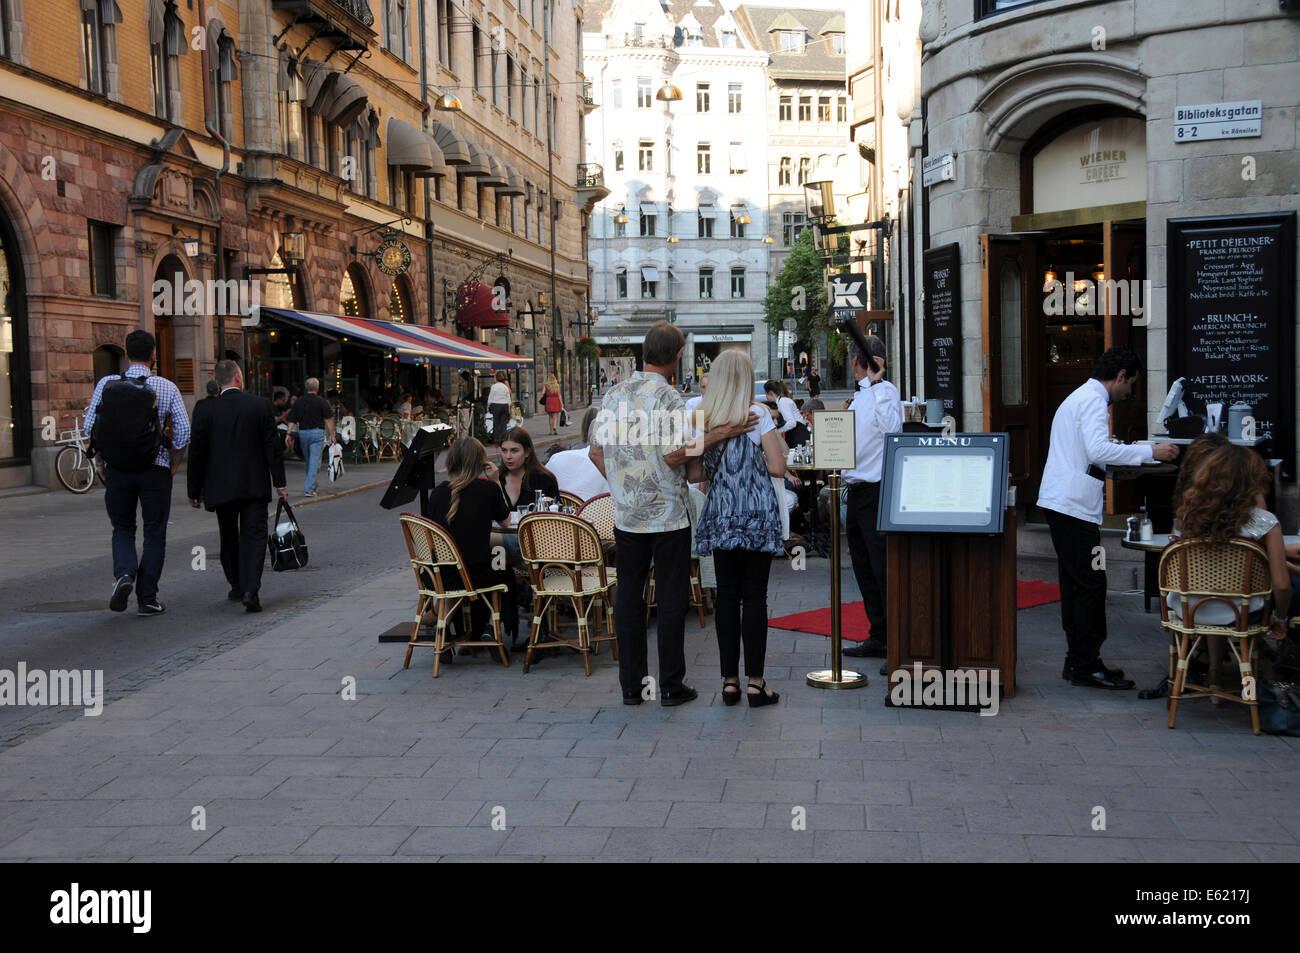 Leben auf der Straße im alten Stockholm mit Bürgersteig Restaurants, Coffee-Shops, Fußgänger Stockbild